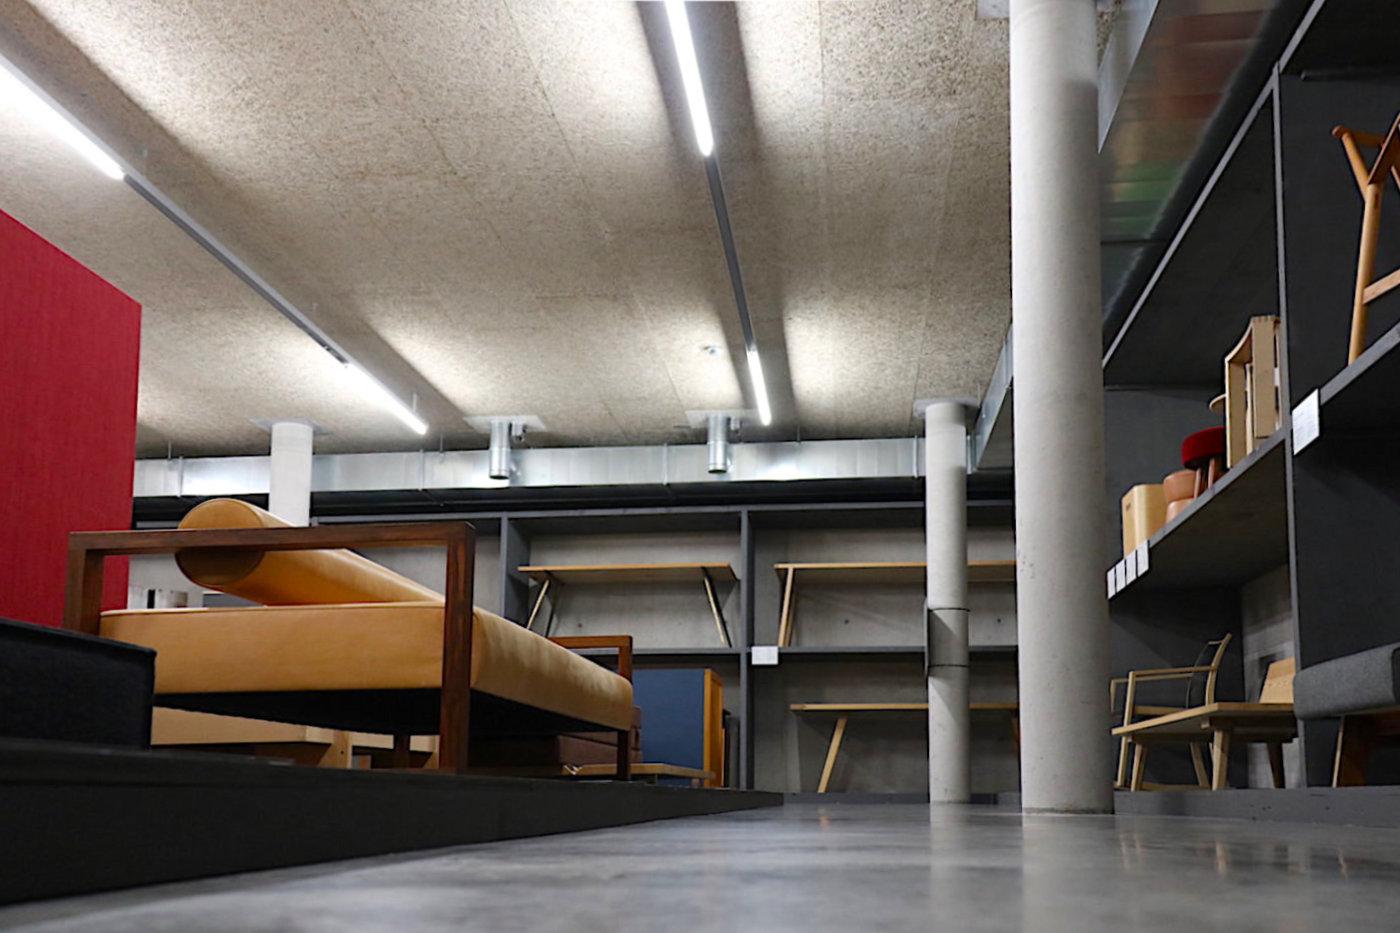 Werkraum Depot. Schauraum für regionale Handwerkskunst